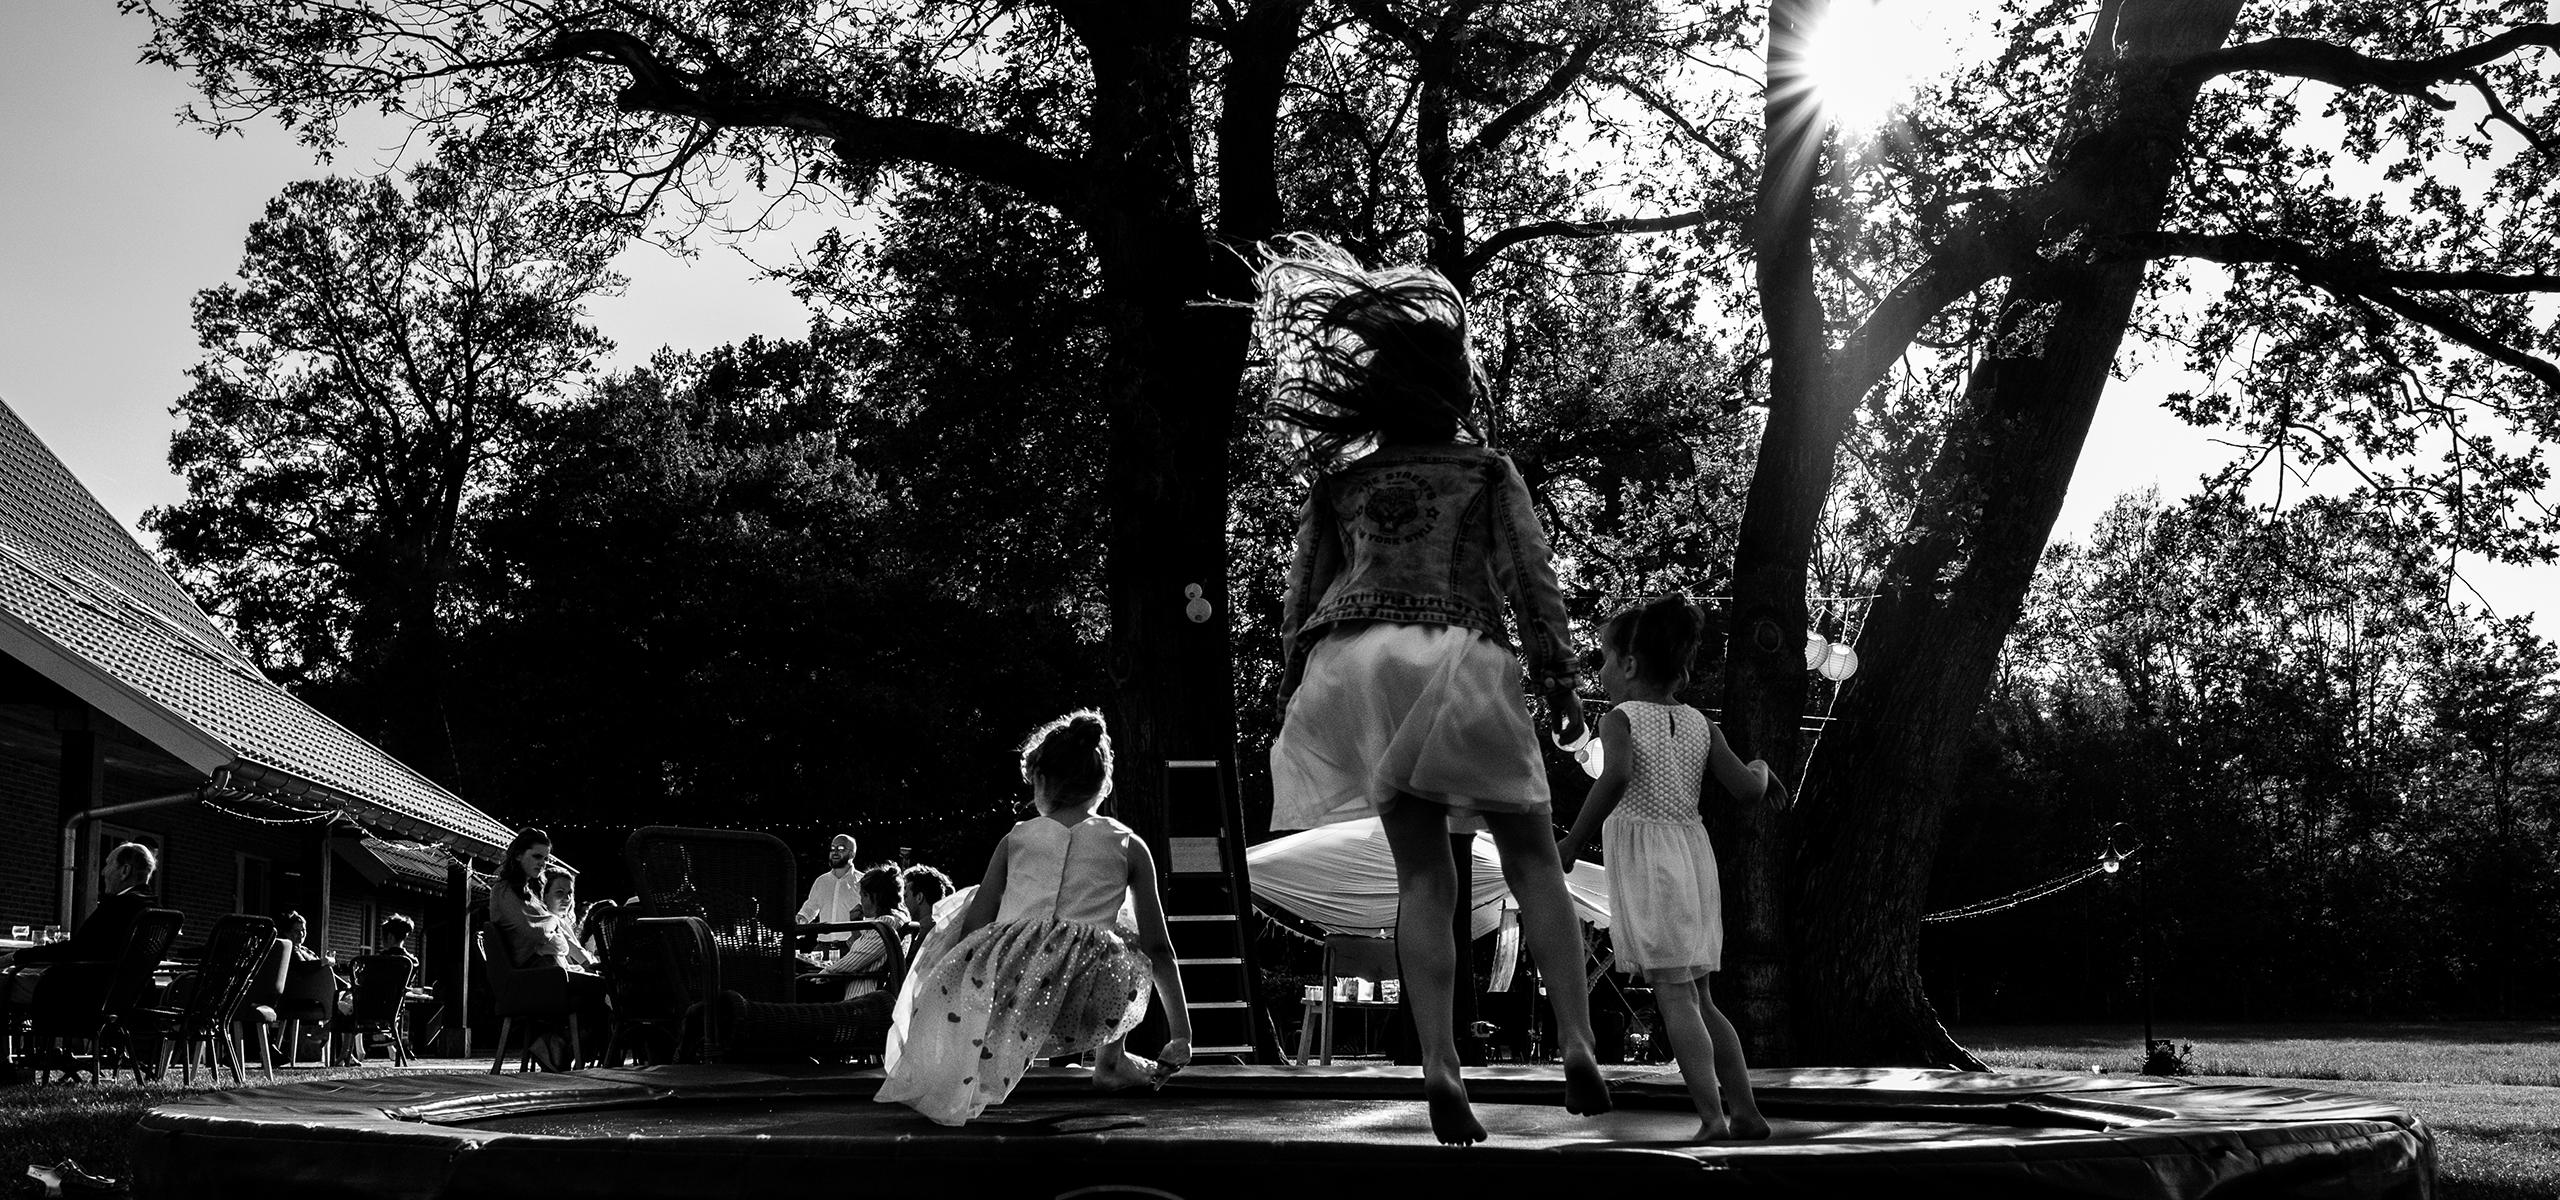 kinderen springen op trampoline gasten zitten aan tafel